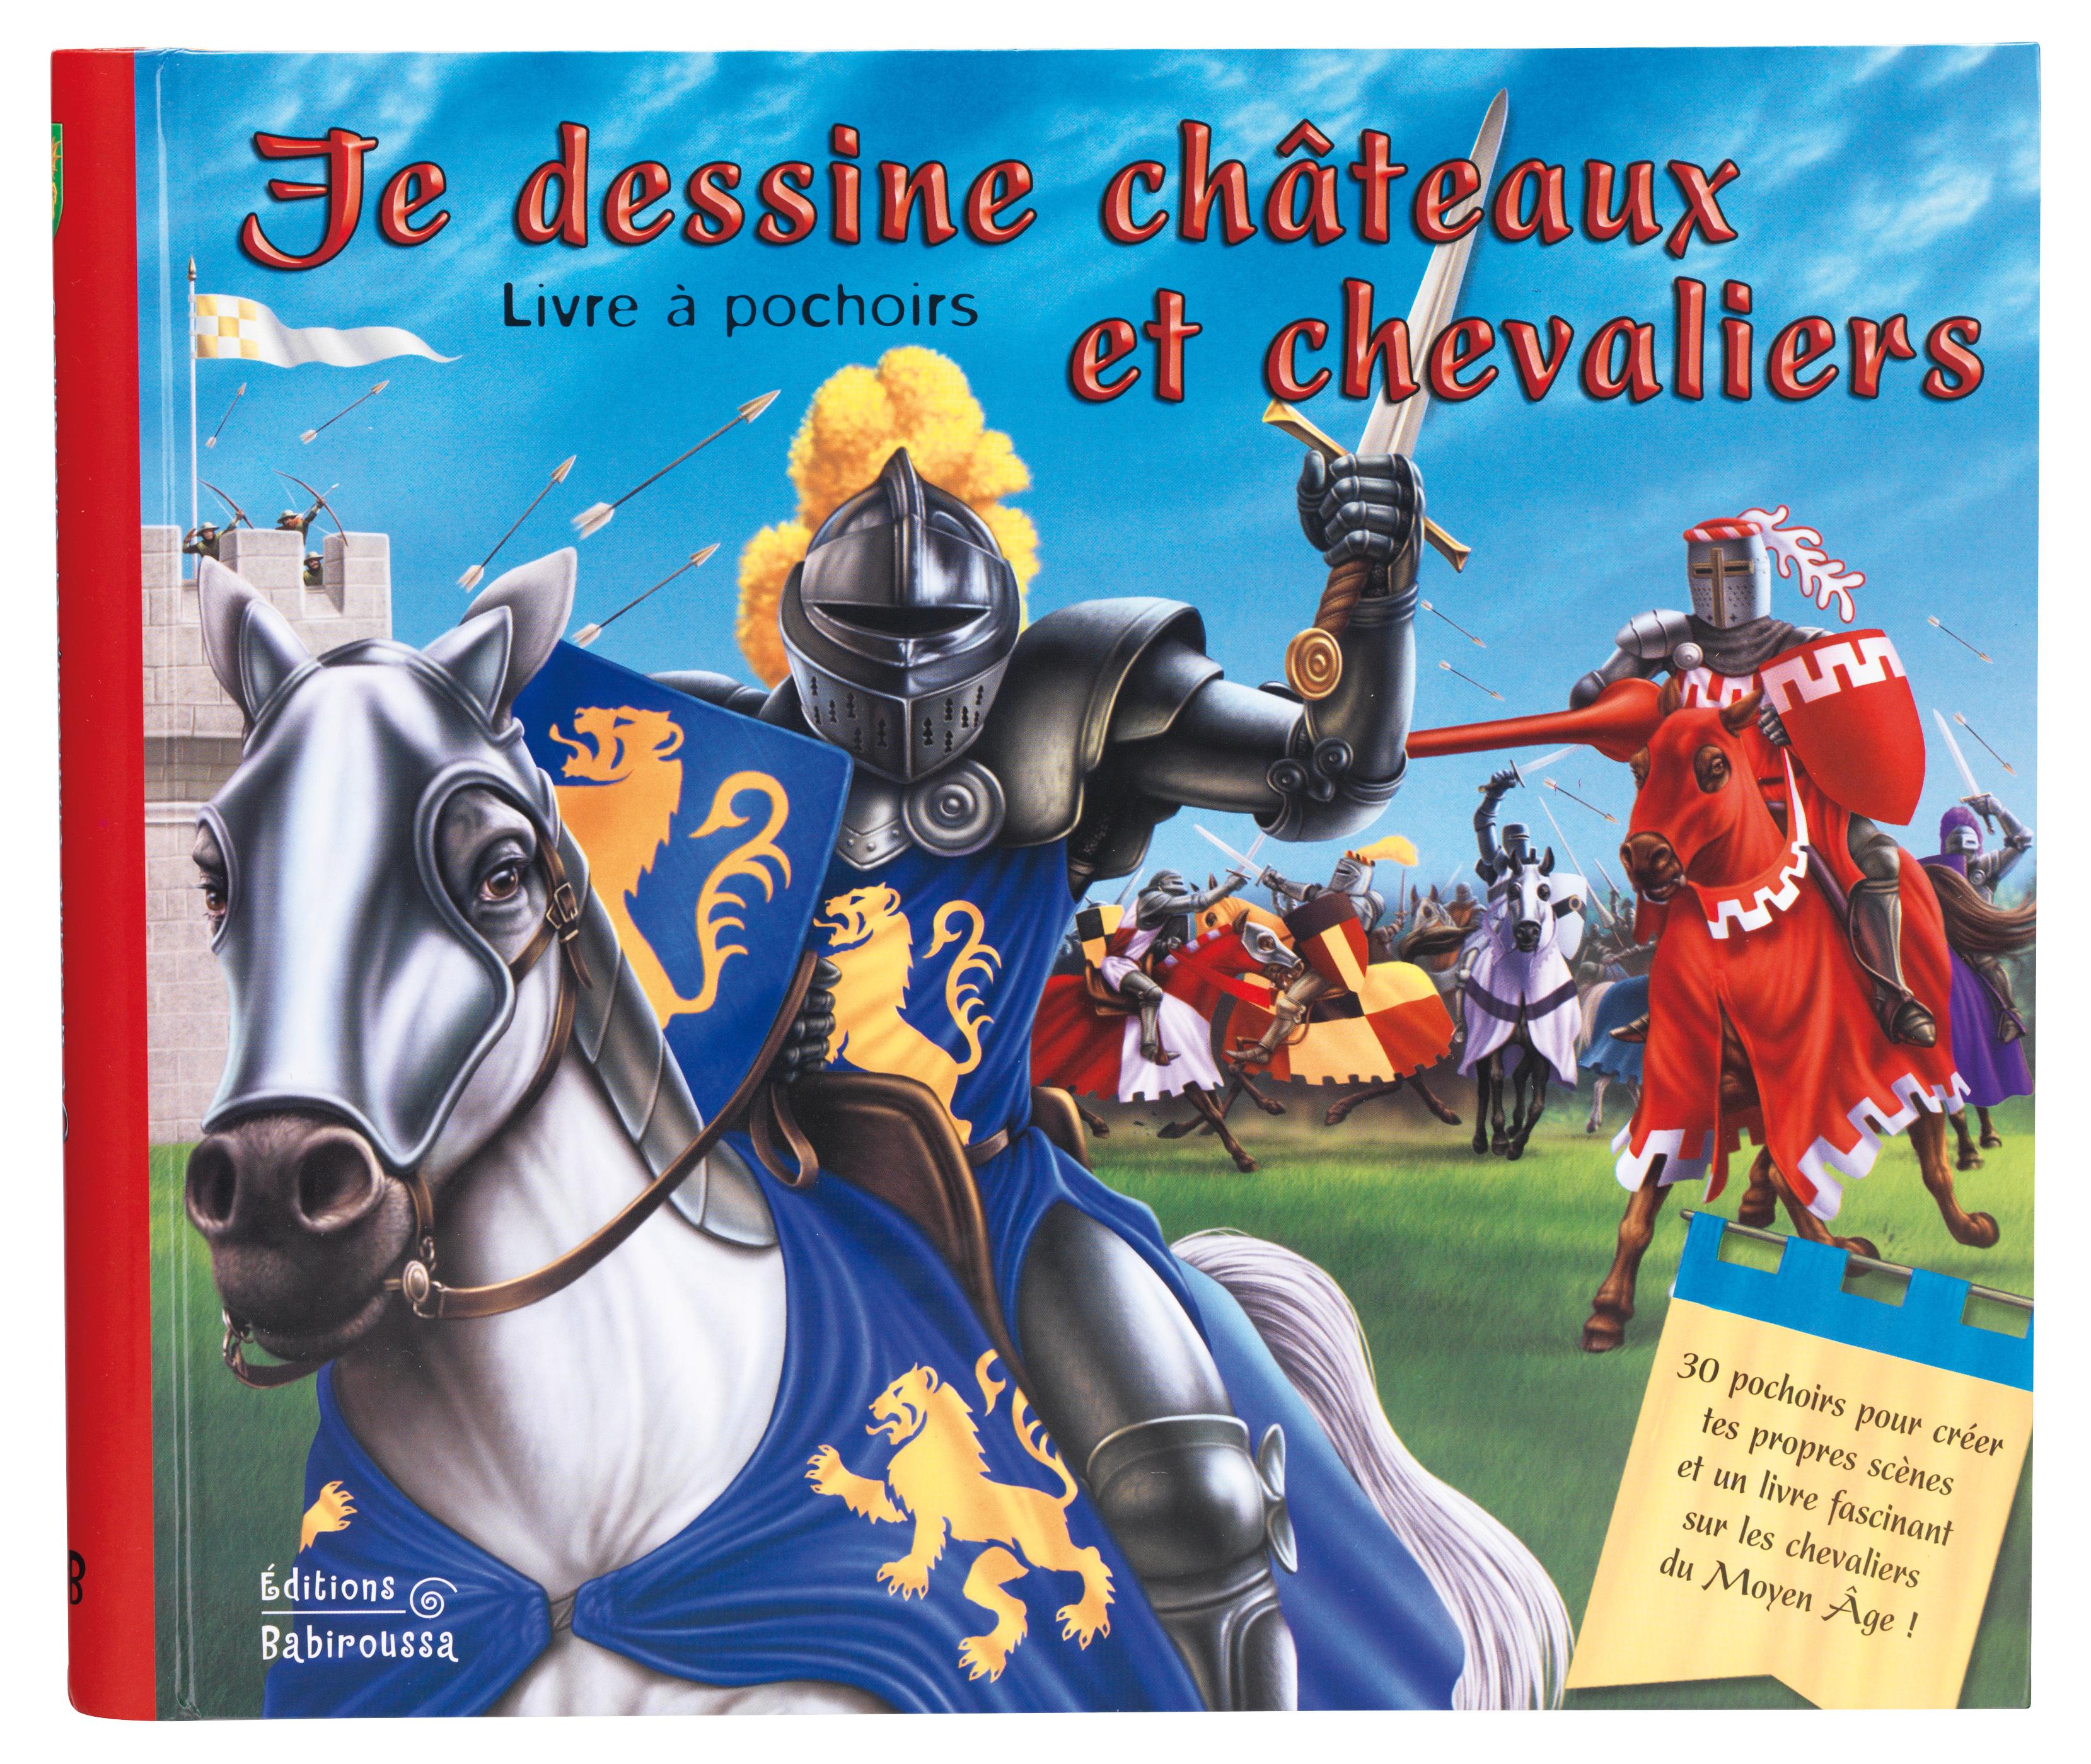 JE DESSINE CHATEAUX ET CHEVALIERS